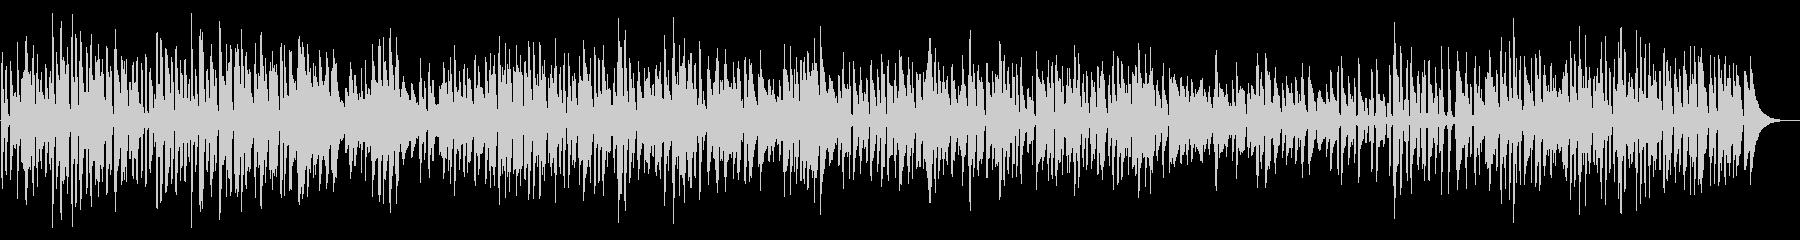 ピアノボサノバYouTube犬猫ペット系の未再生の波形